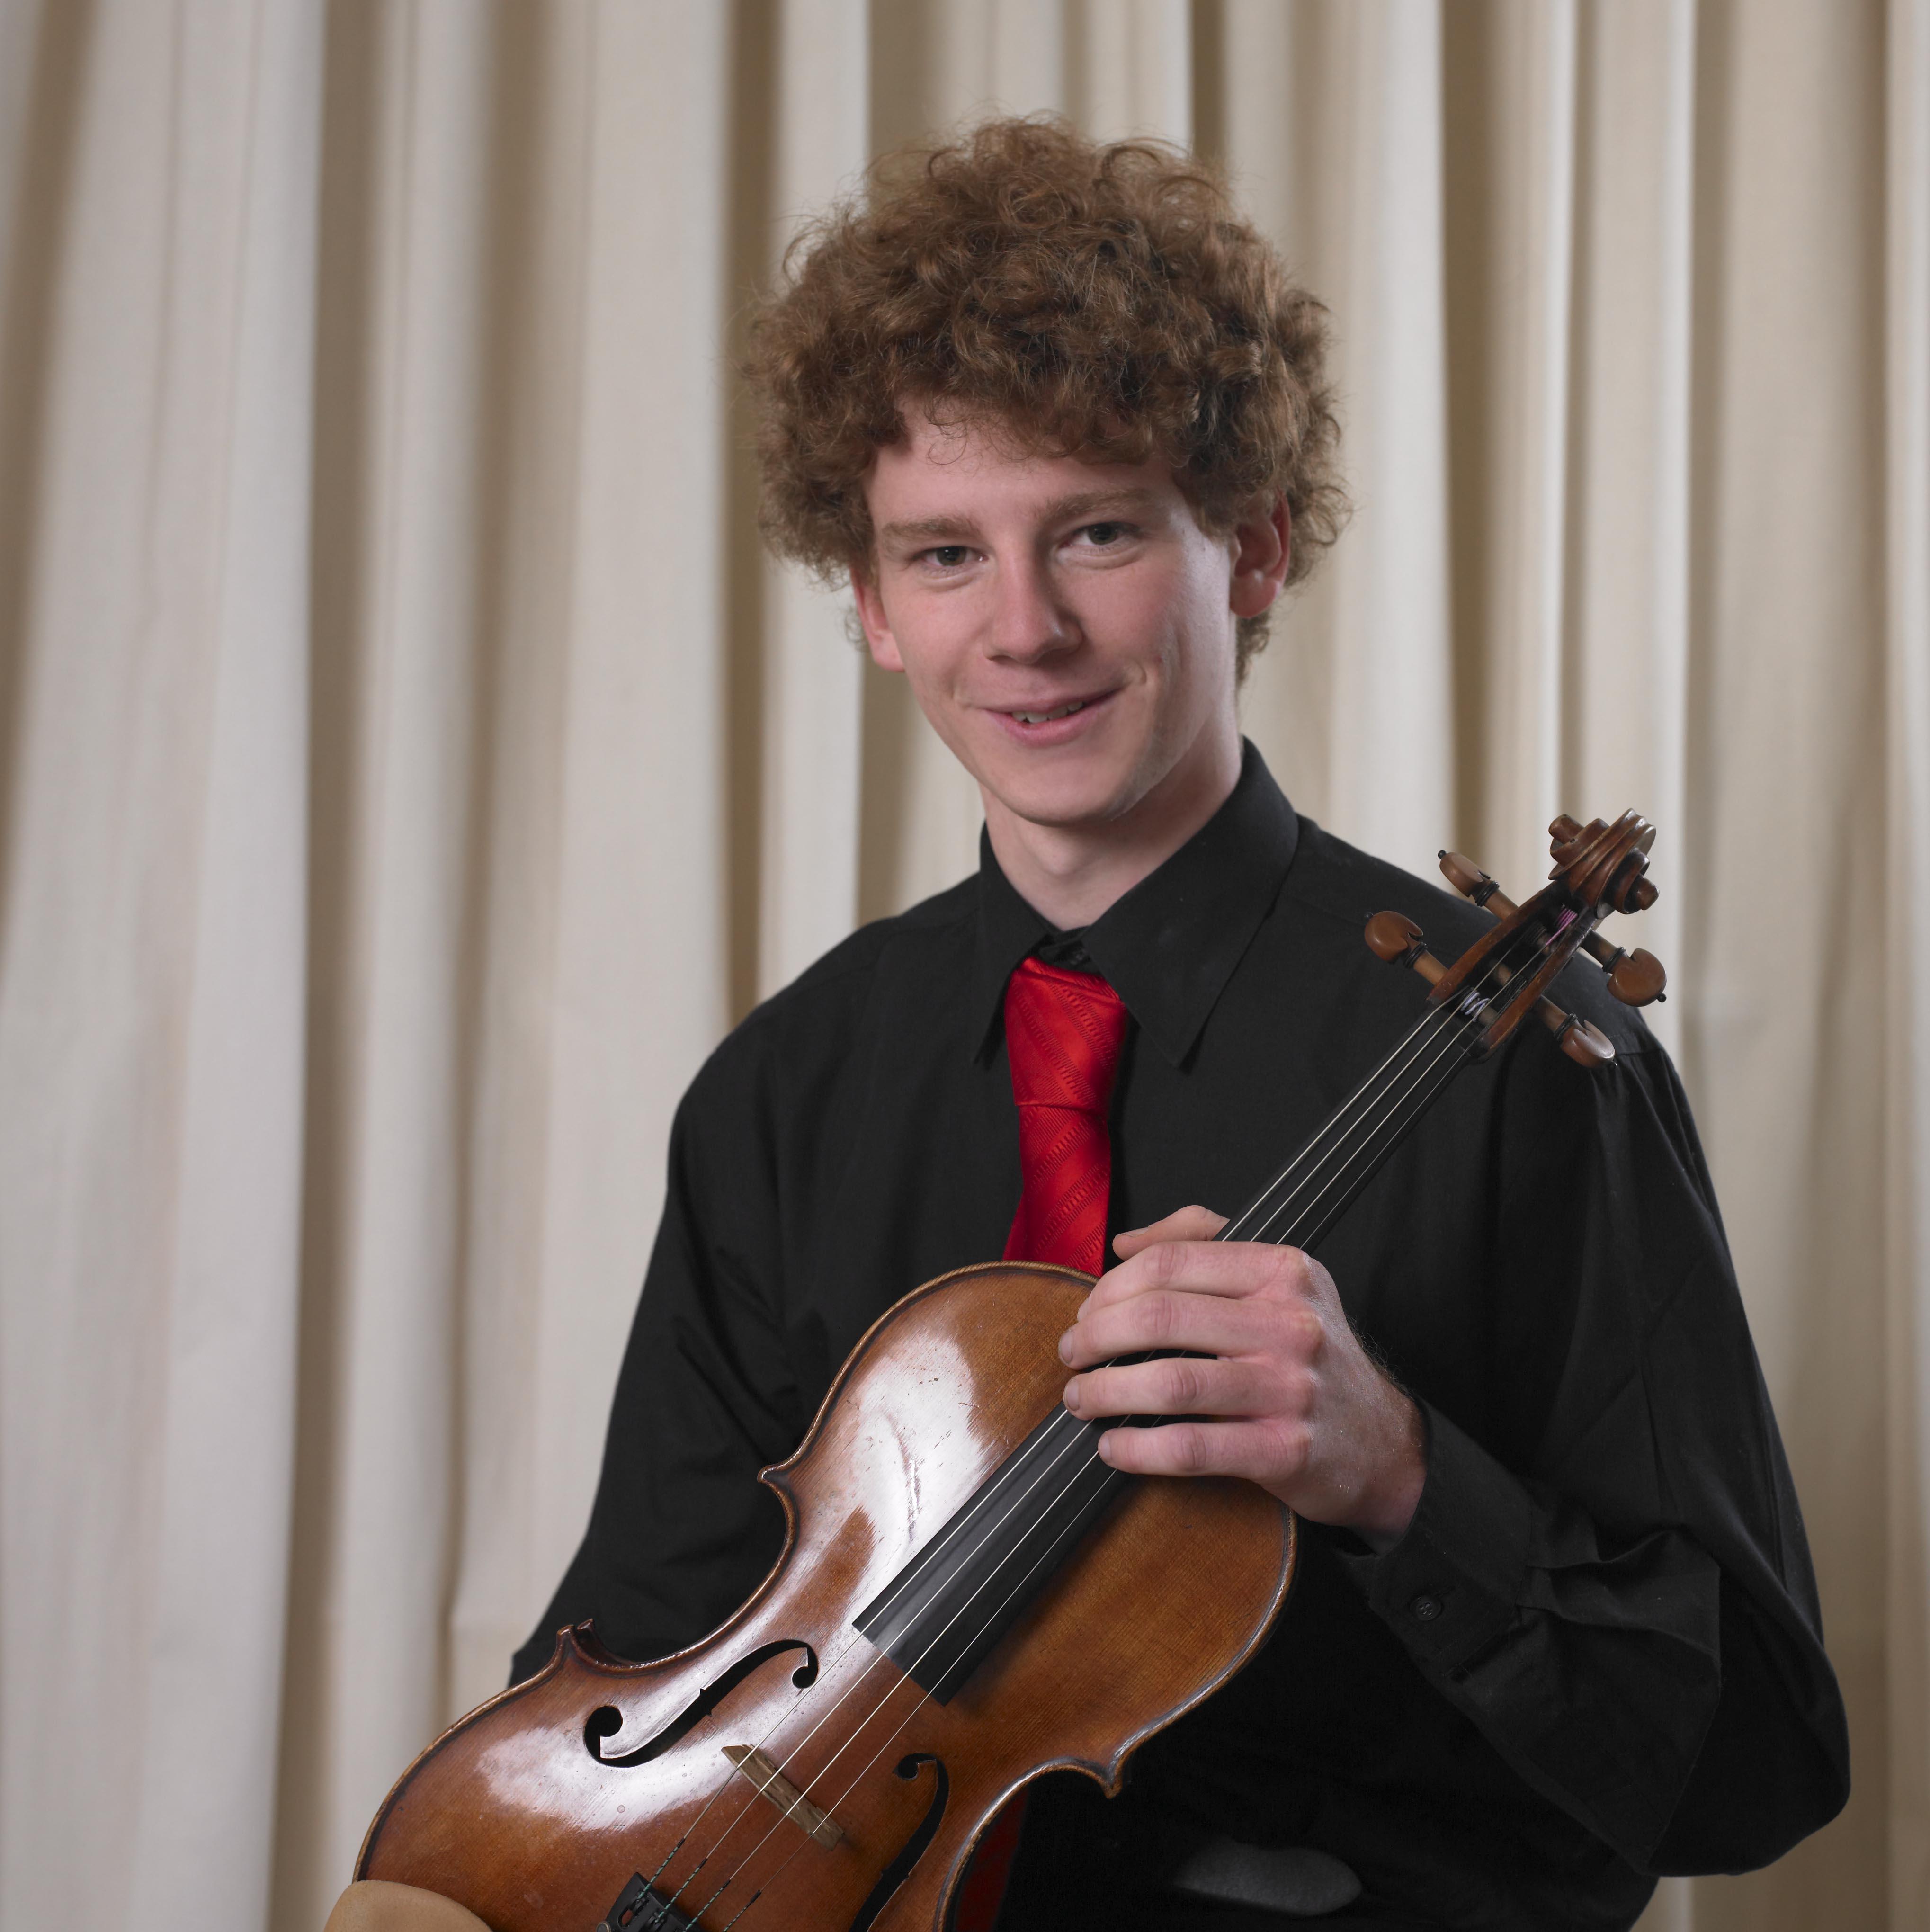 Rahn Musikpreis 2006, Veit Hertenstein, 2. prize viola